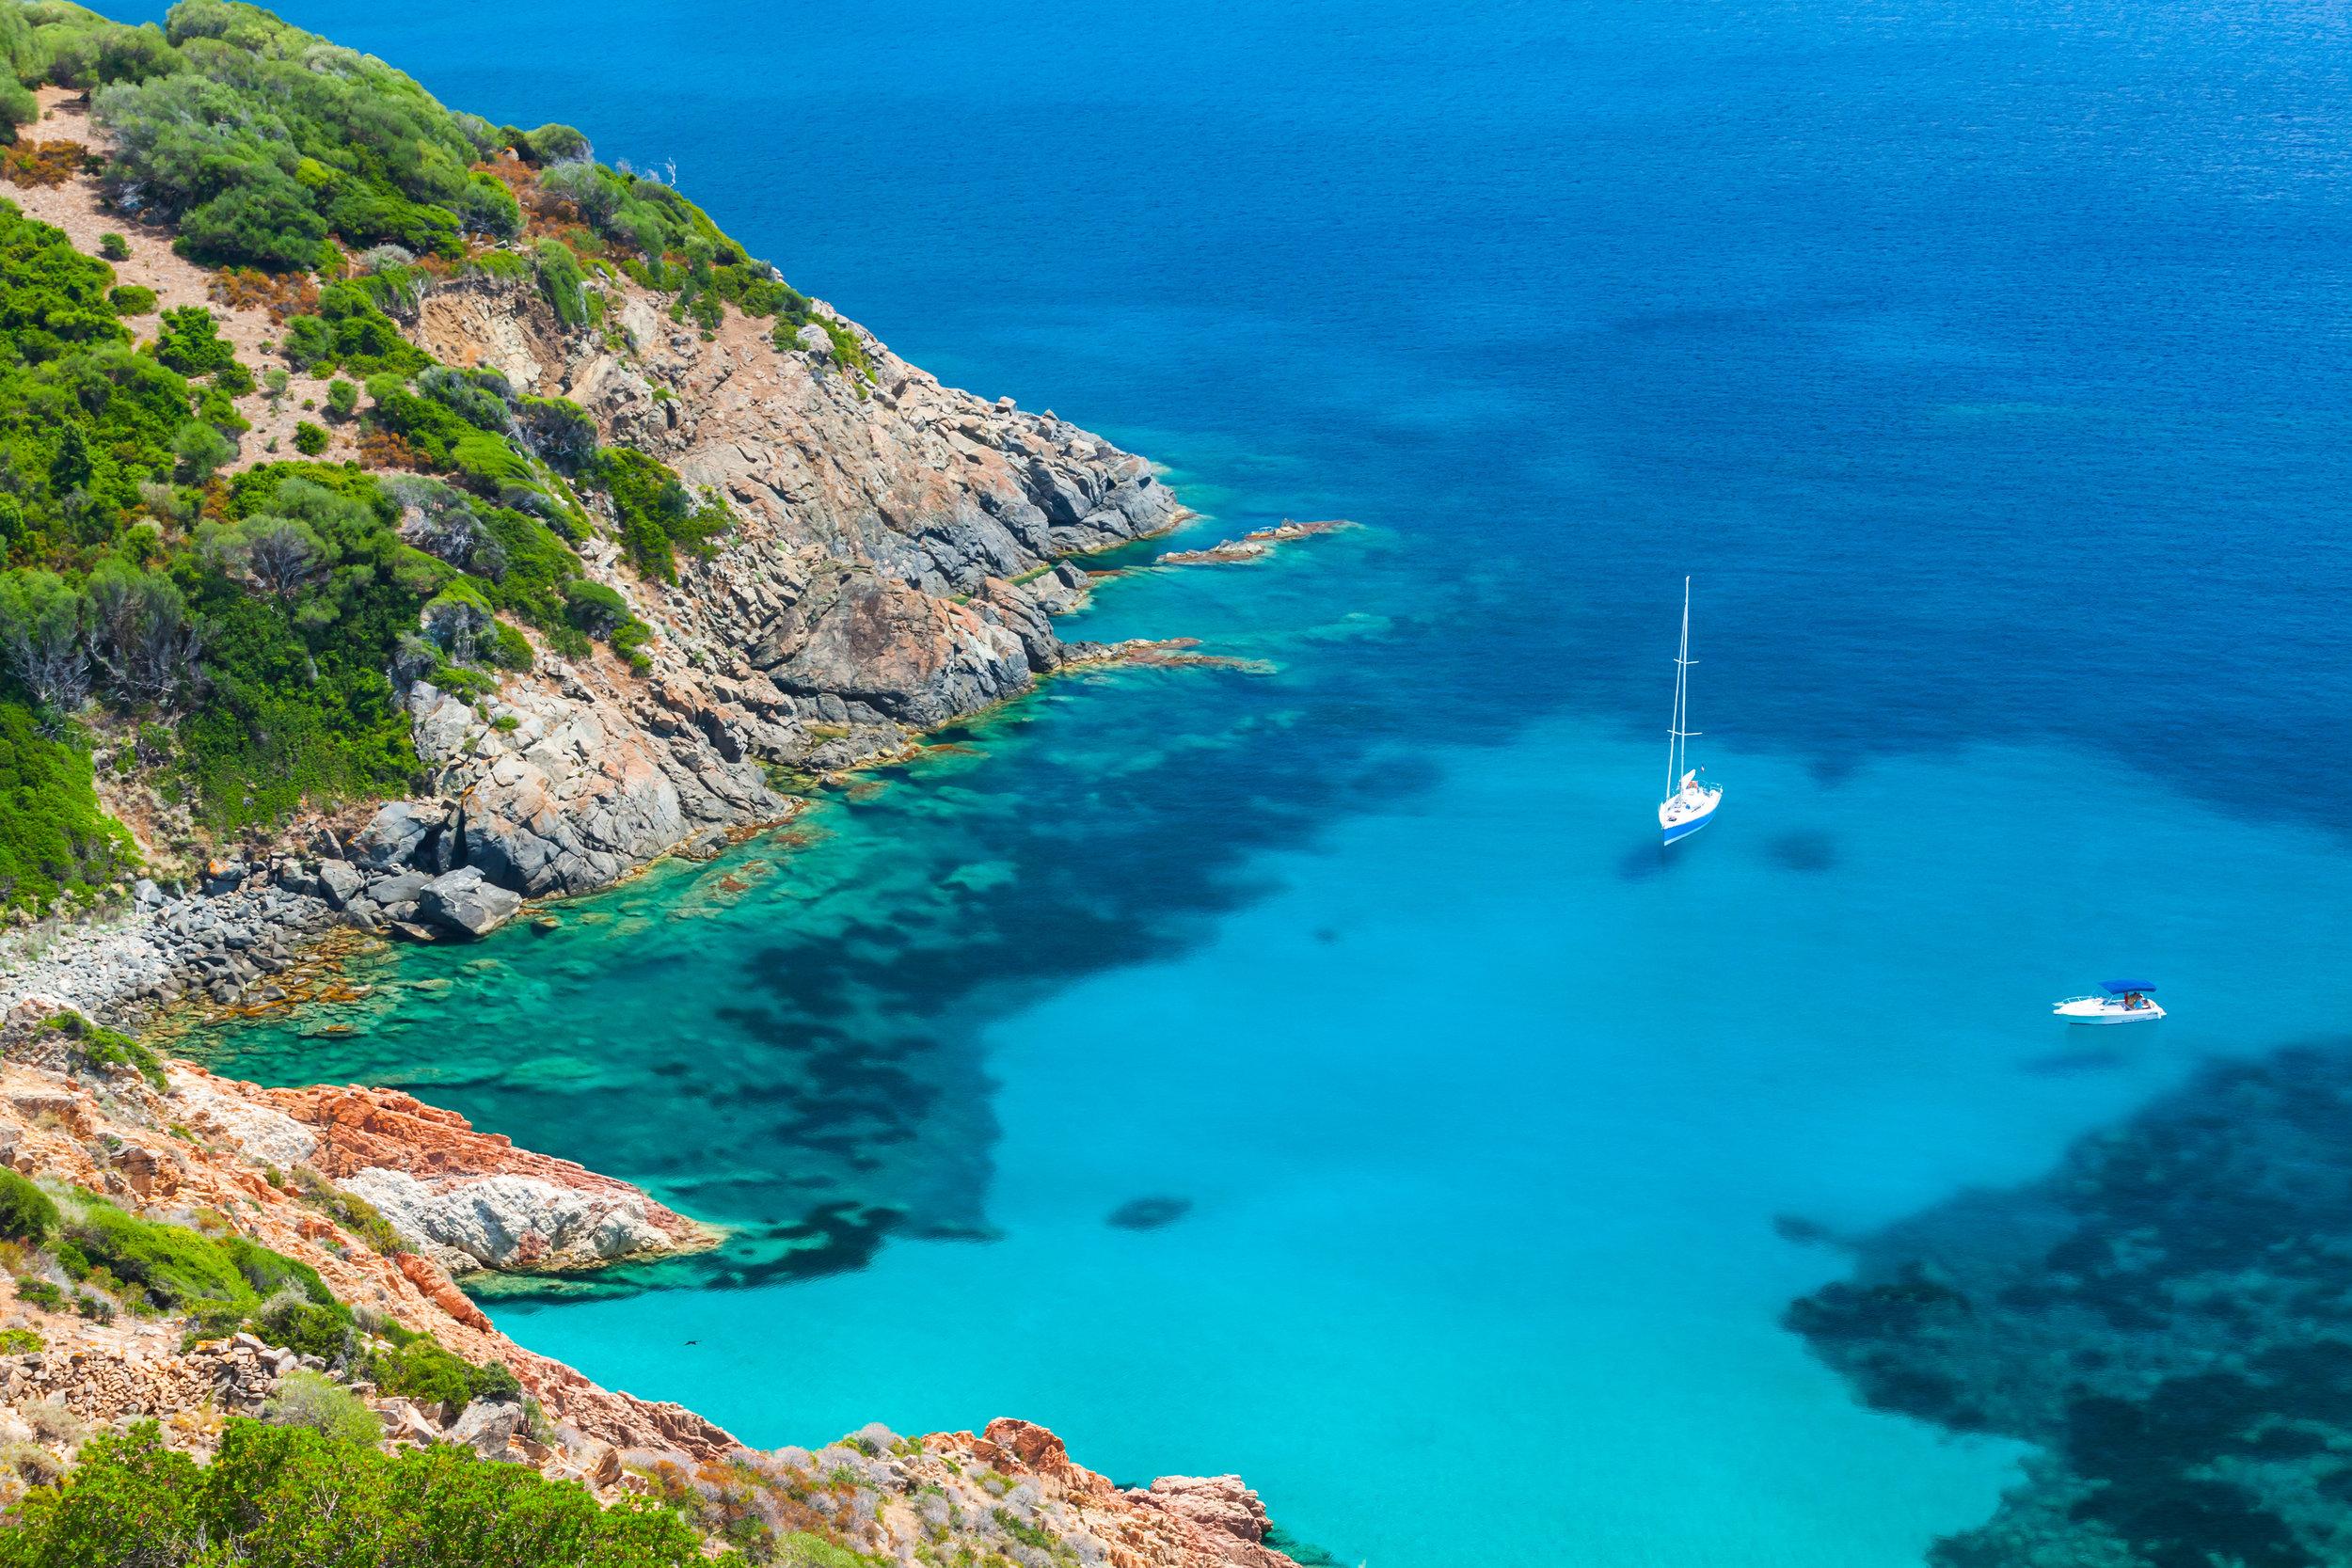 Boating paradise